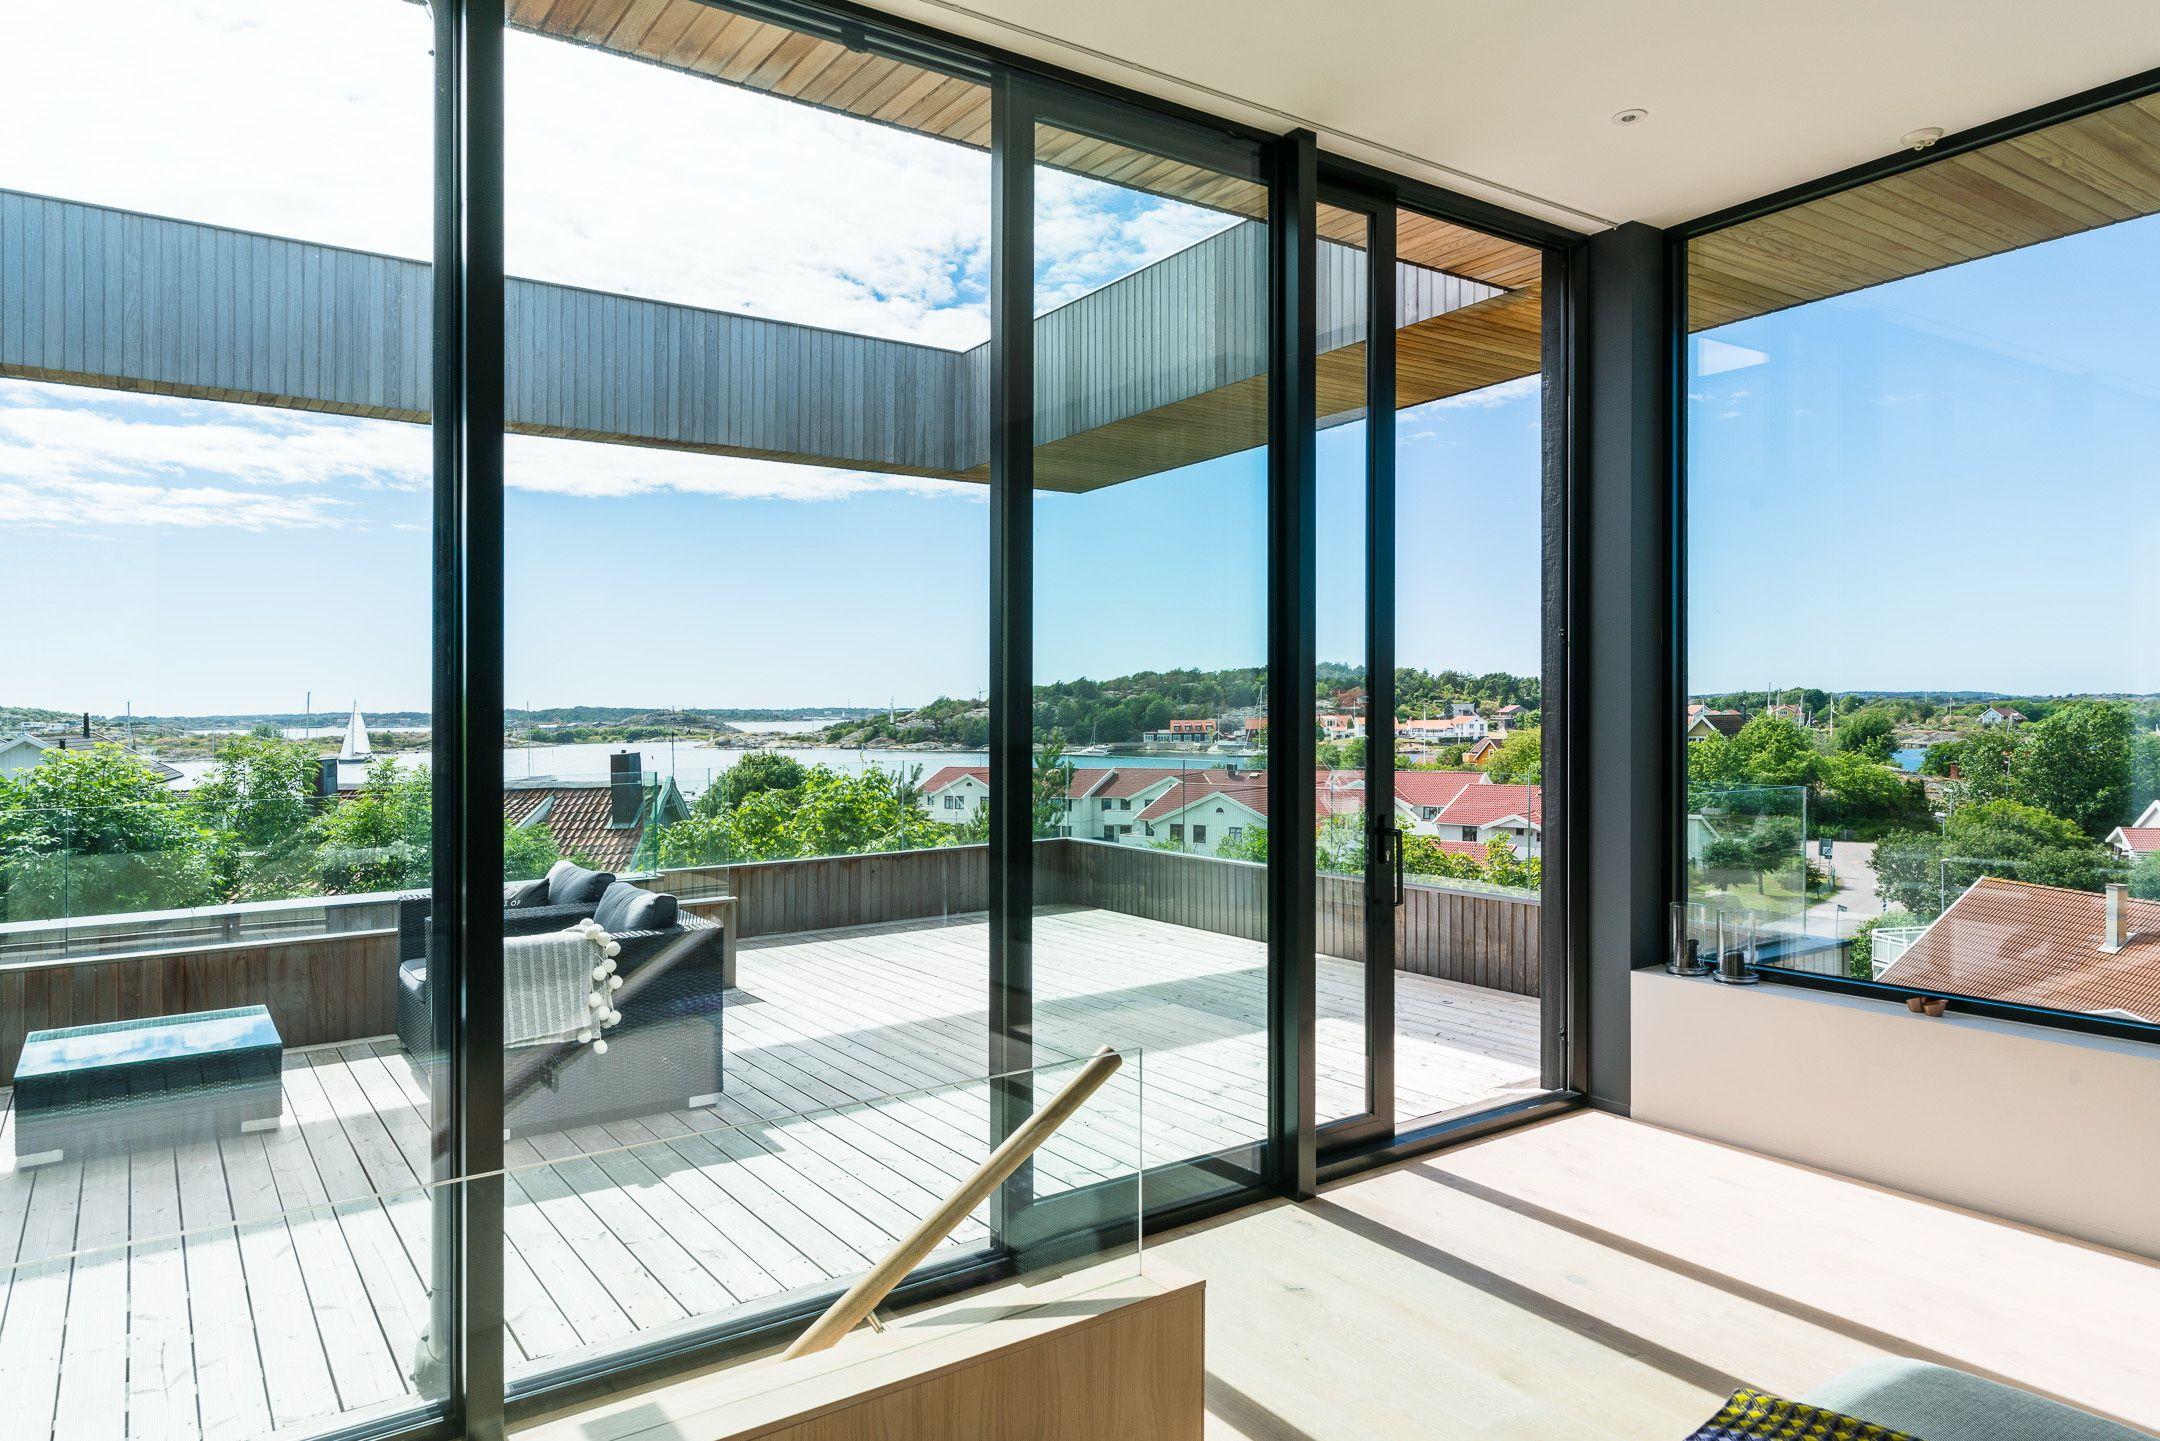 Airbnb   Hjuvik - Semesterboenden och stllen att bo p